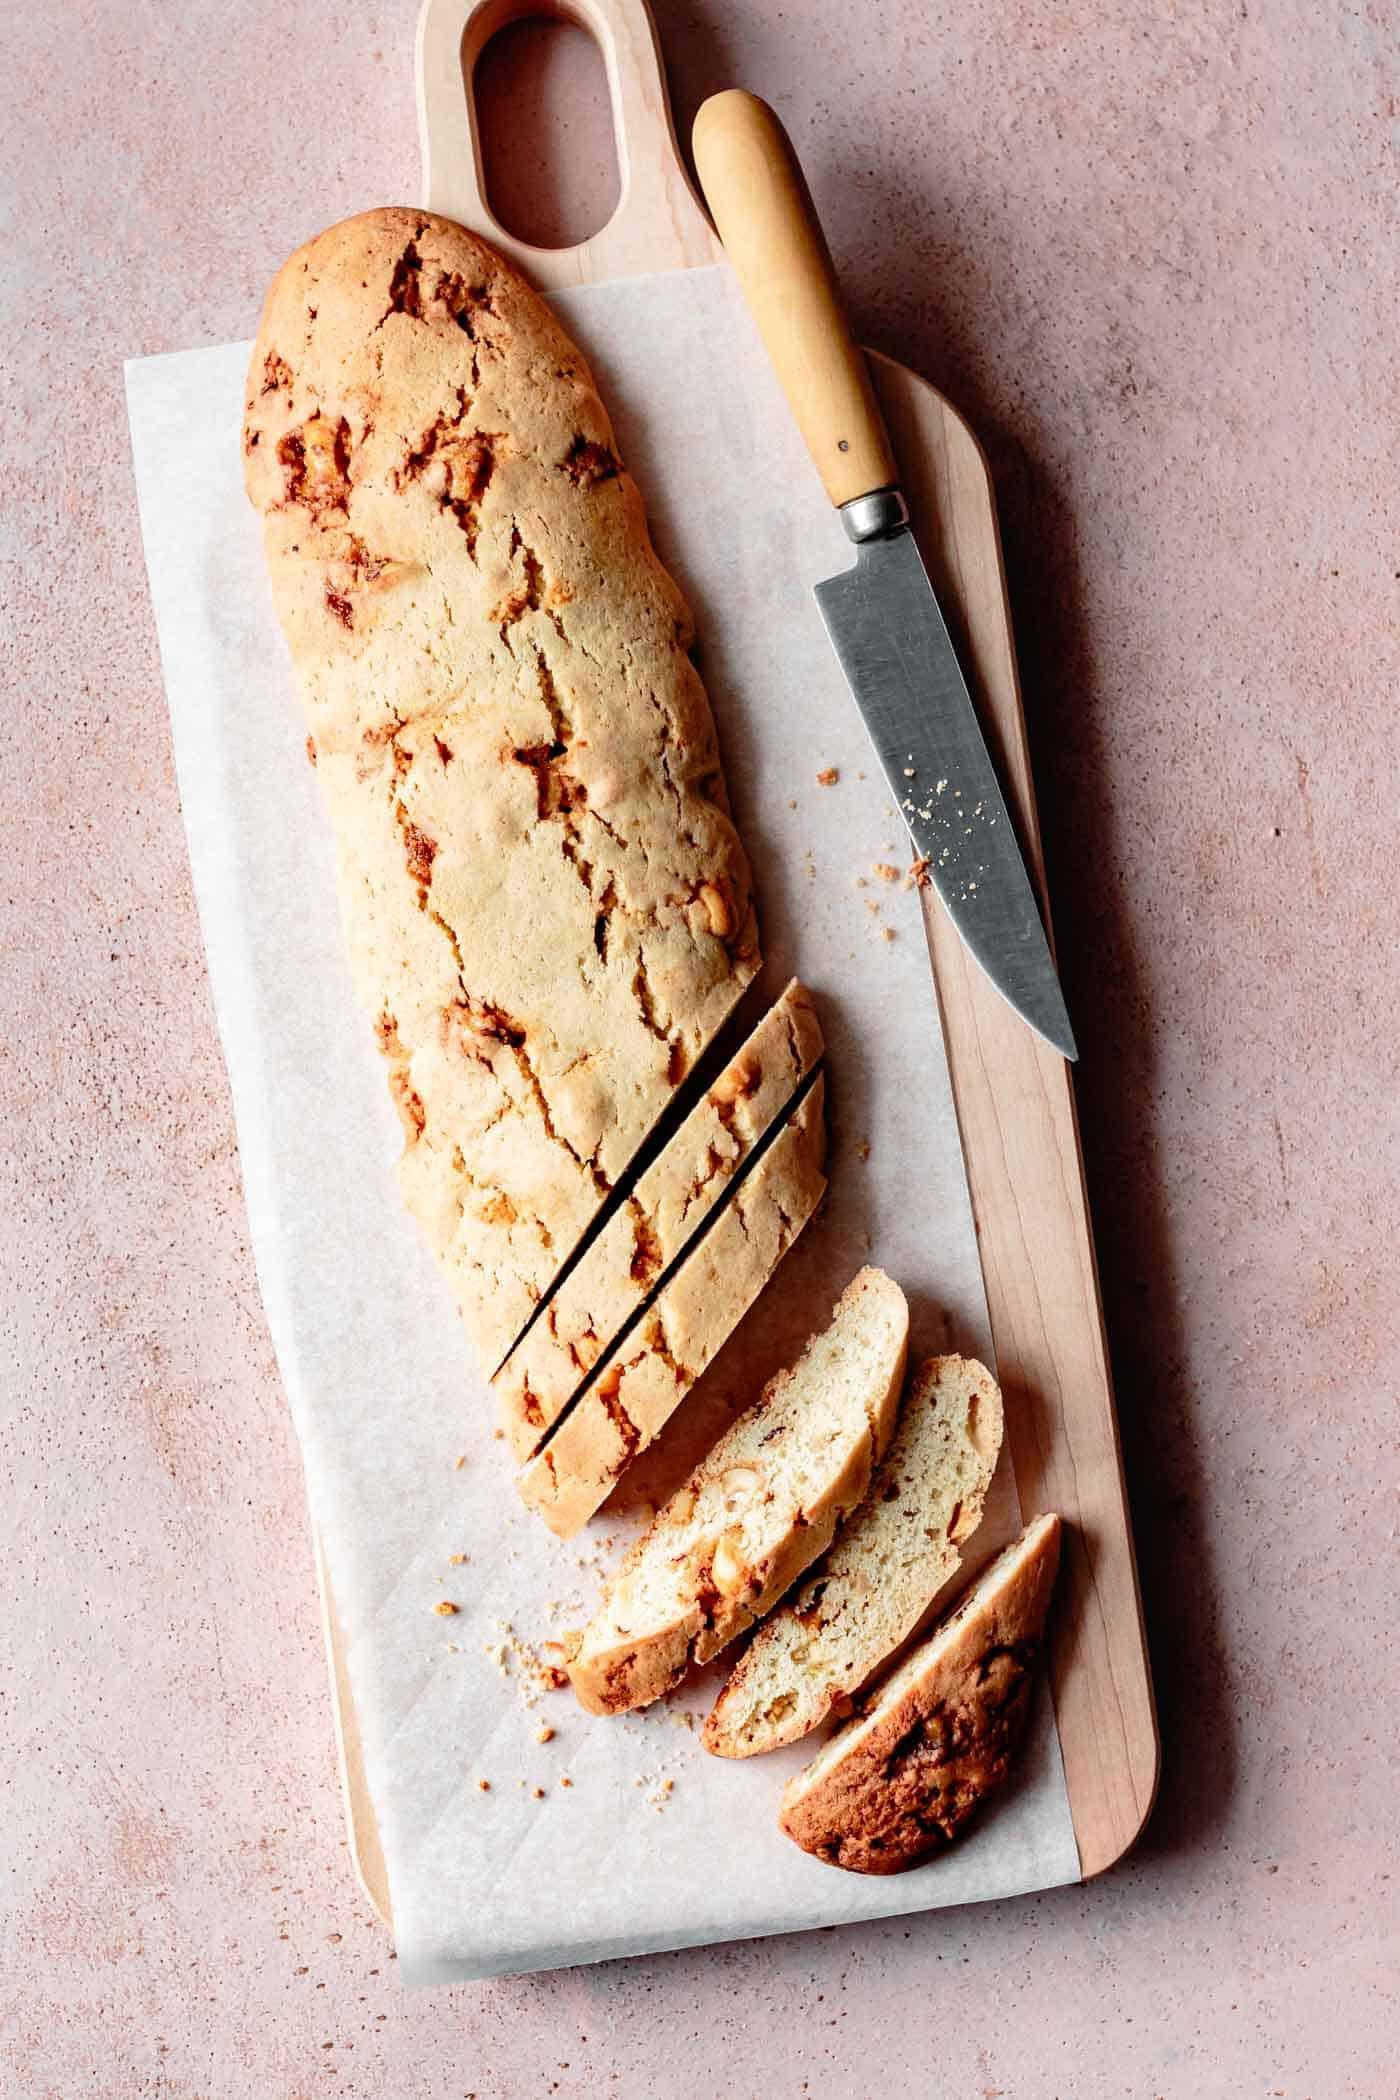 Gluten-free biscotti log being cut into slices